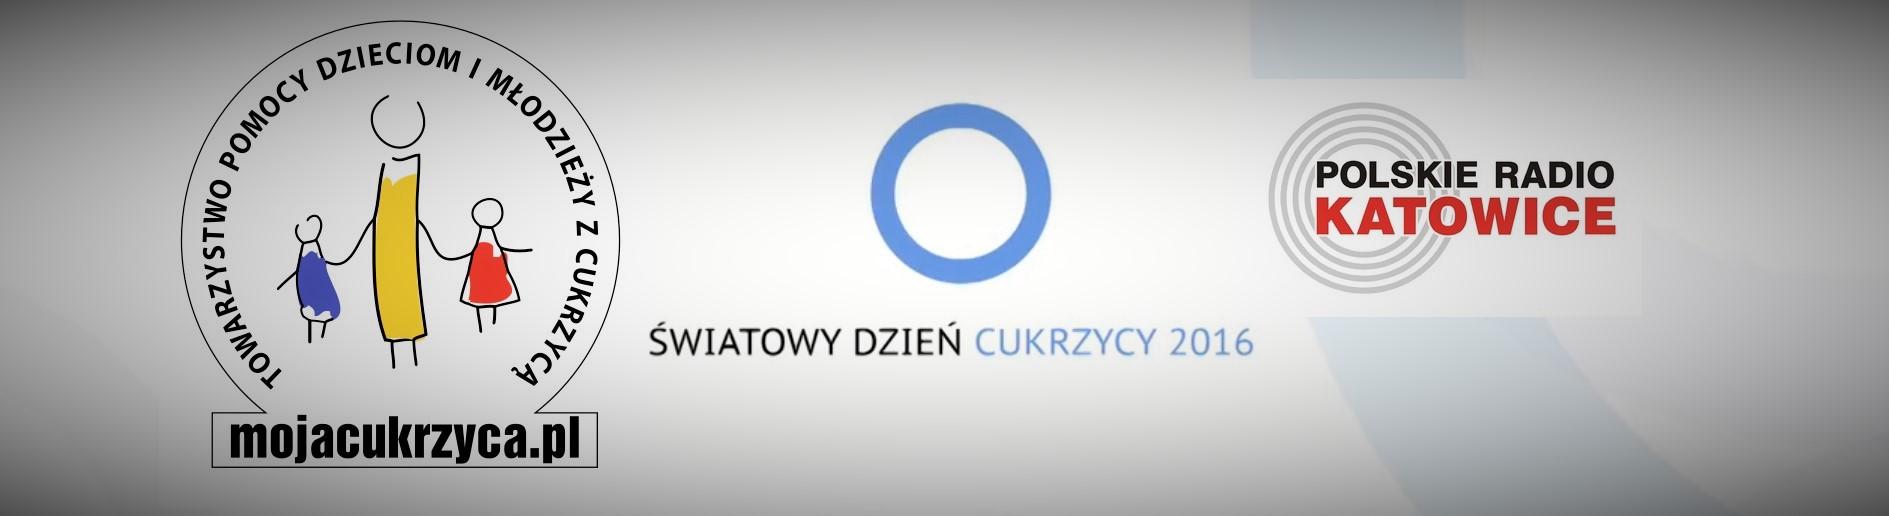 Światowy Dzień Cukrzycy w Polskim Radiu Katowice